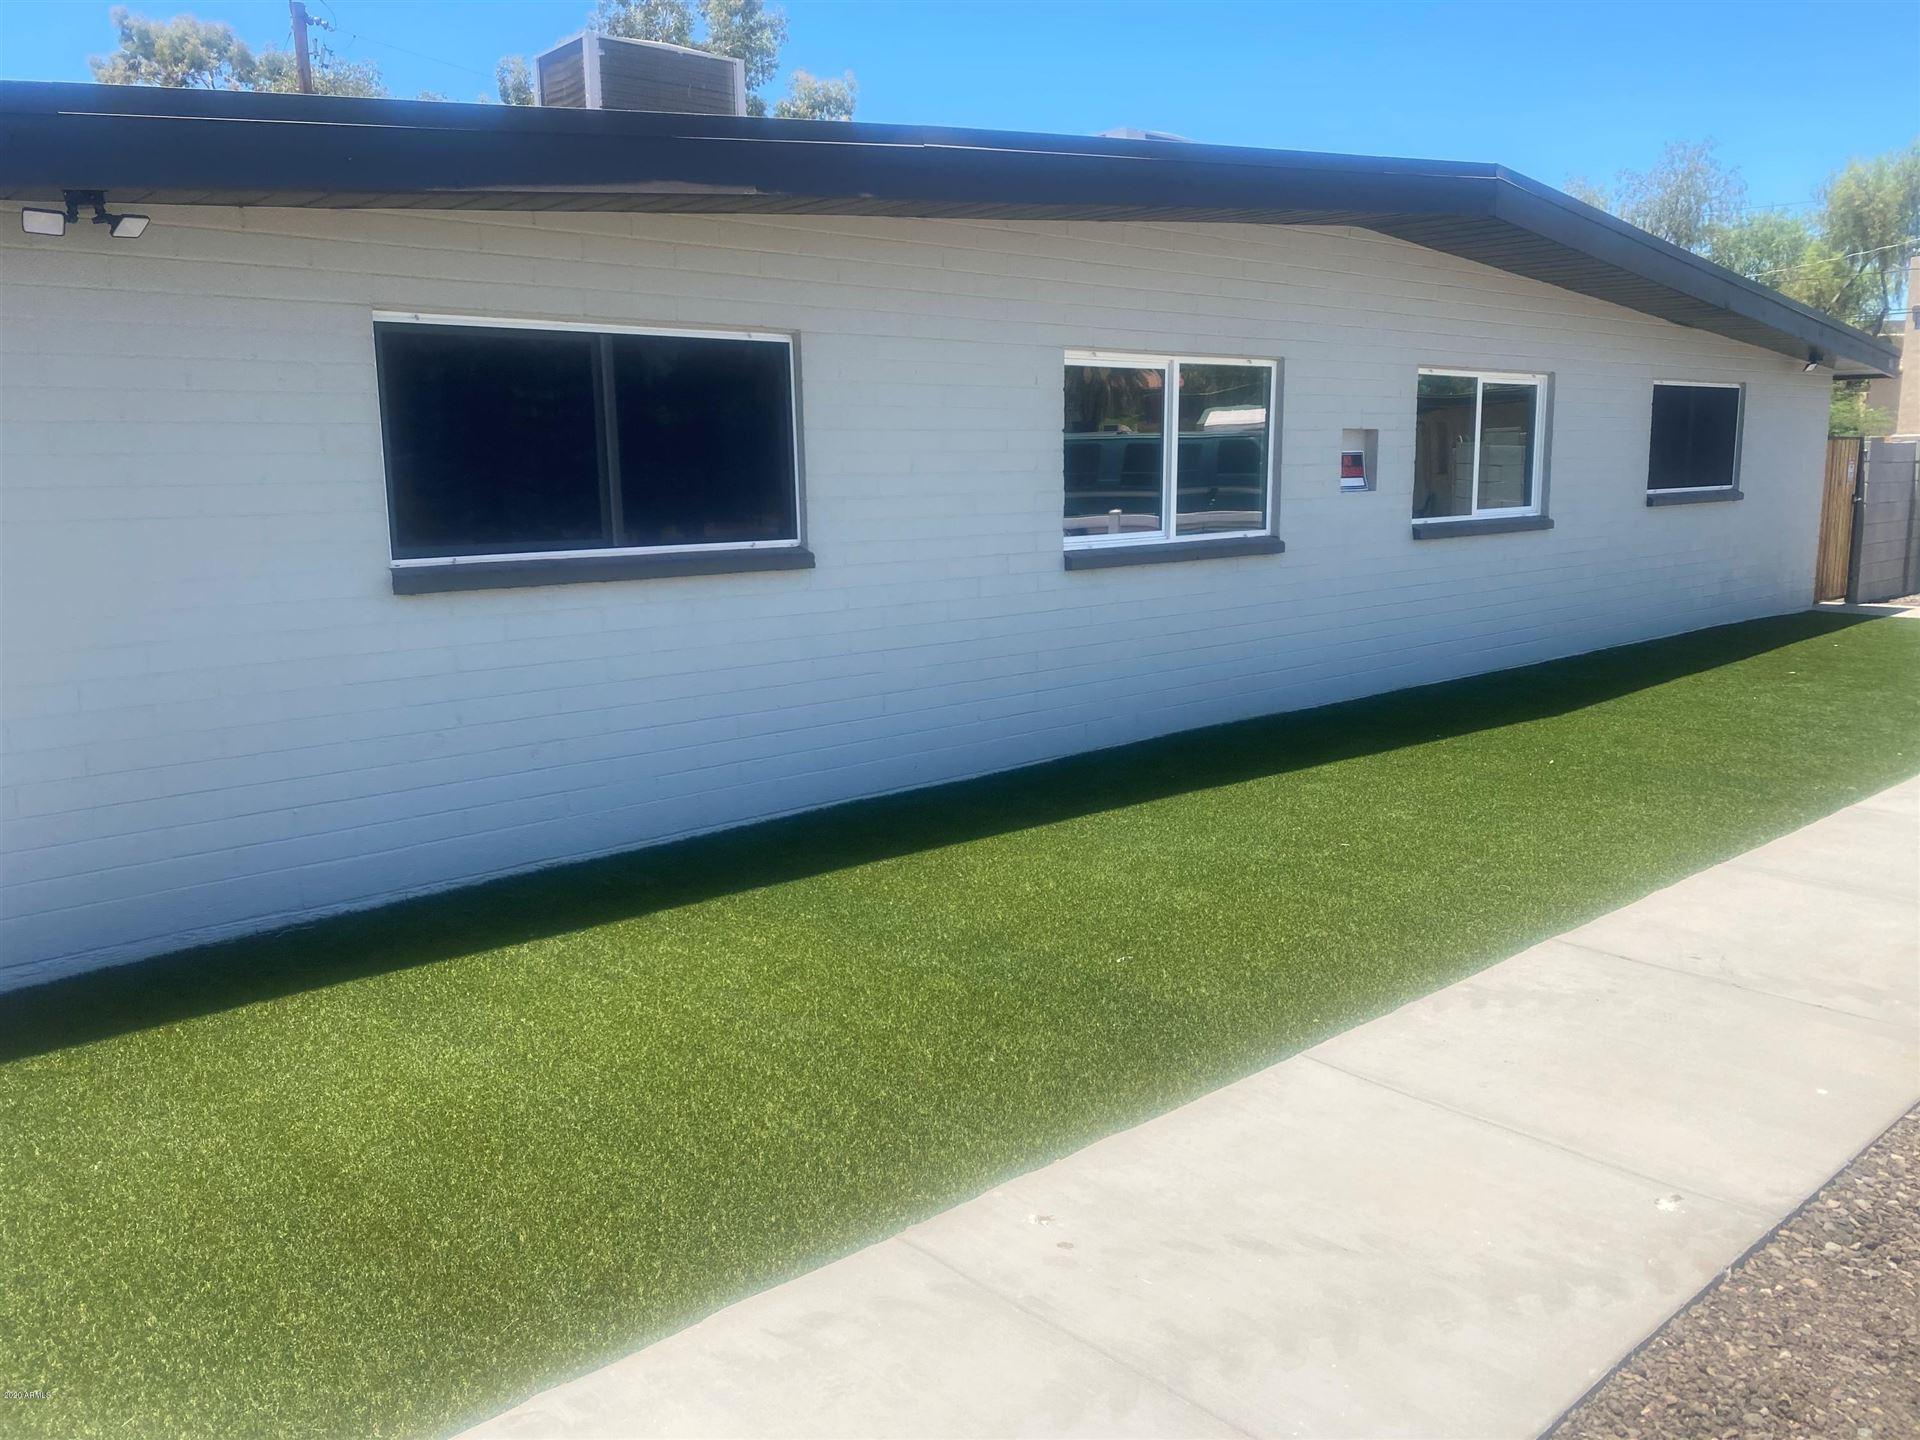 914 S KENWOOD Circle, Tempe, AZ 85281 - MLS#: 6098860